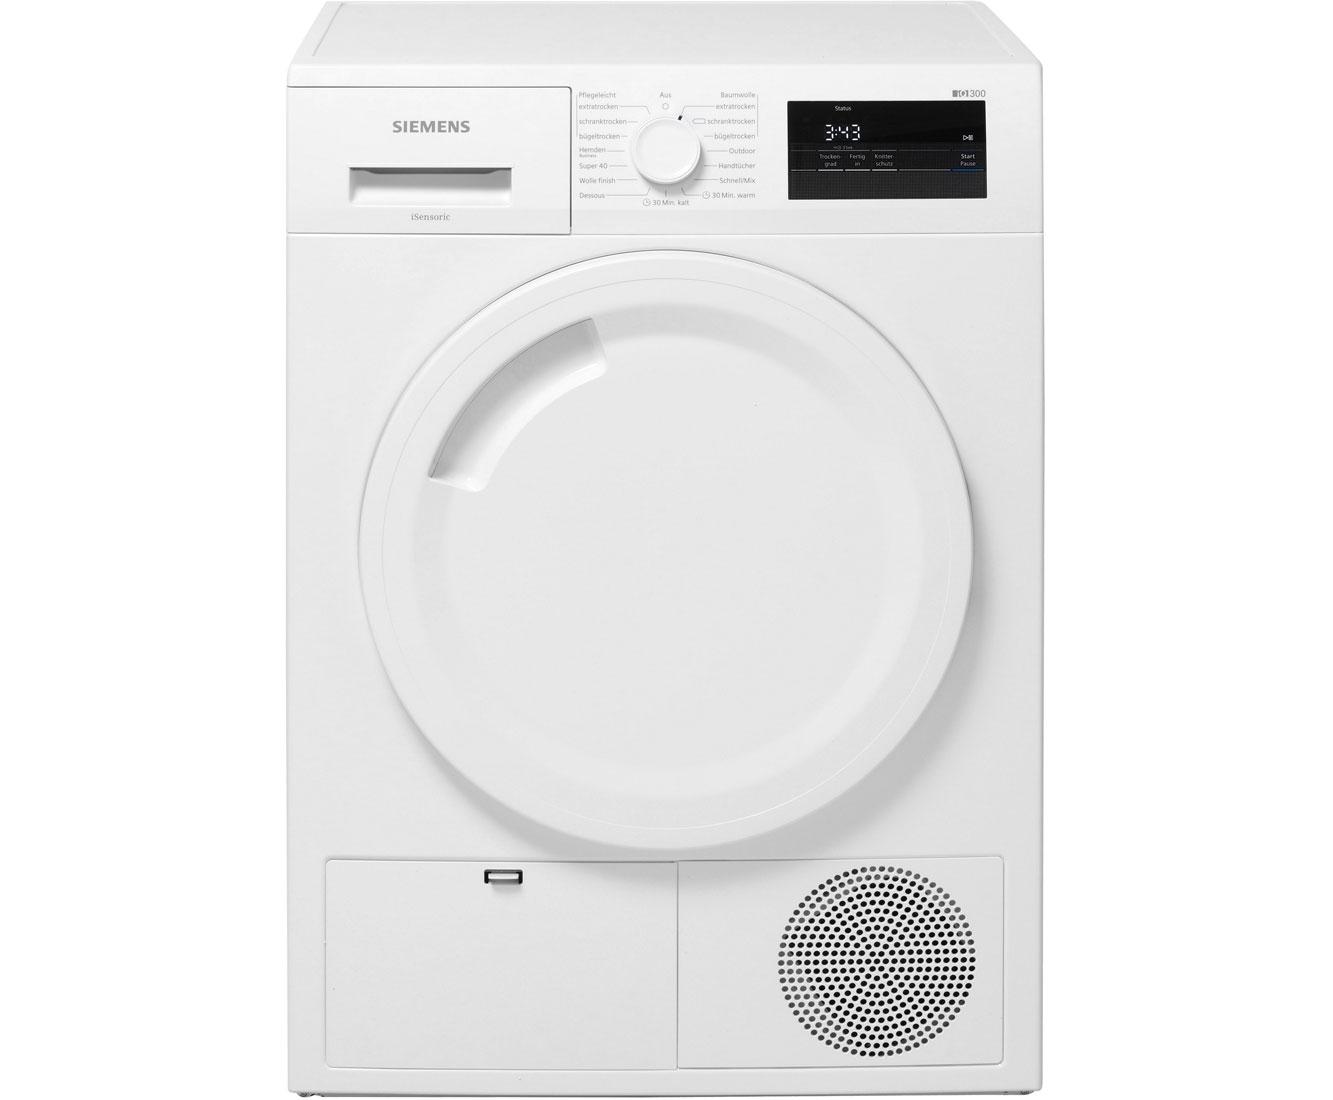 Siemens iQ300 WT43H001 Wärmepumpentrockner - Weiß | Bad > Waschmaschinen und Trockner > Wärmepumpentrockner | Weiß | Siemens